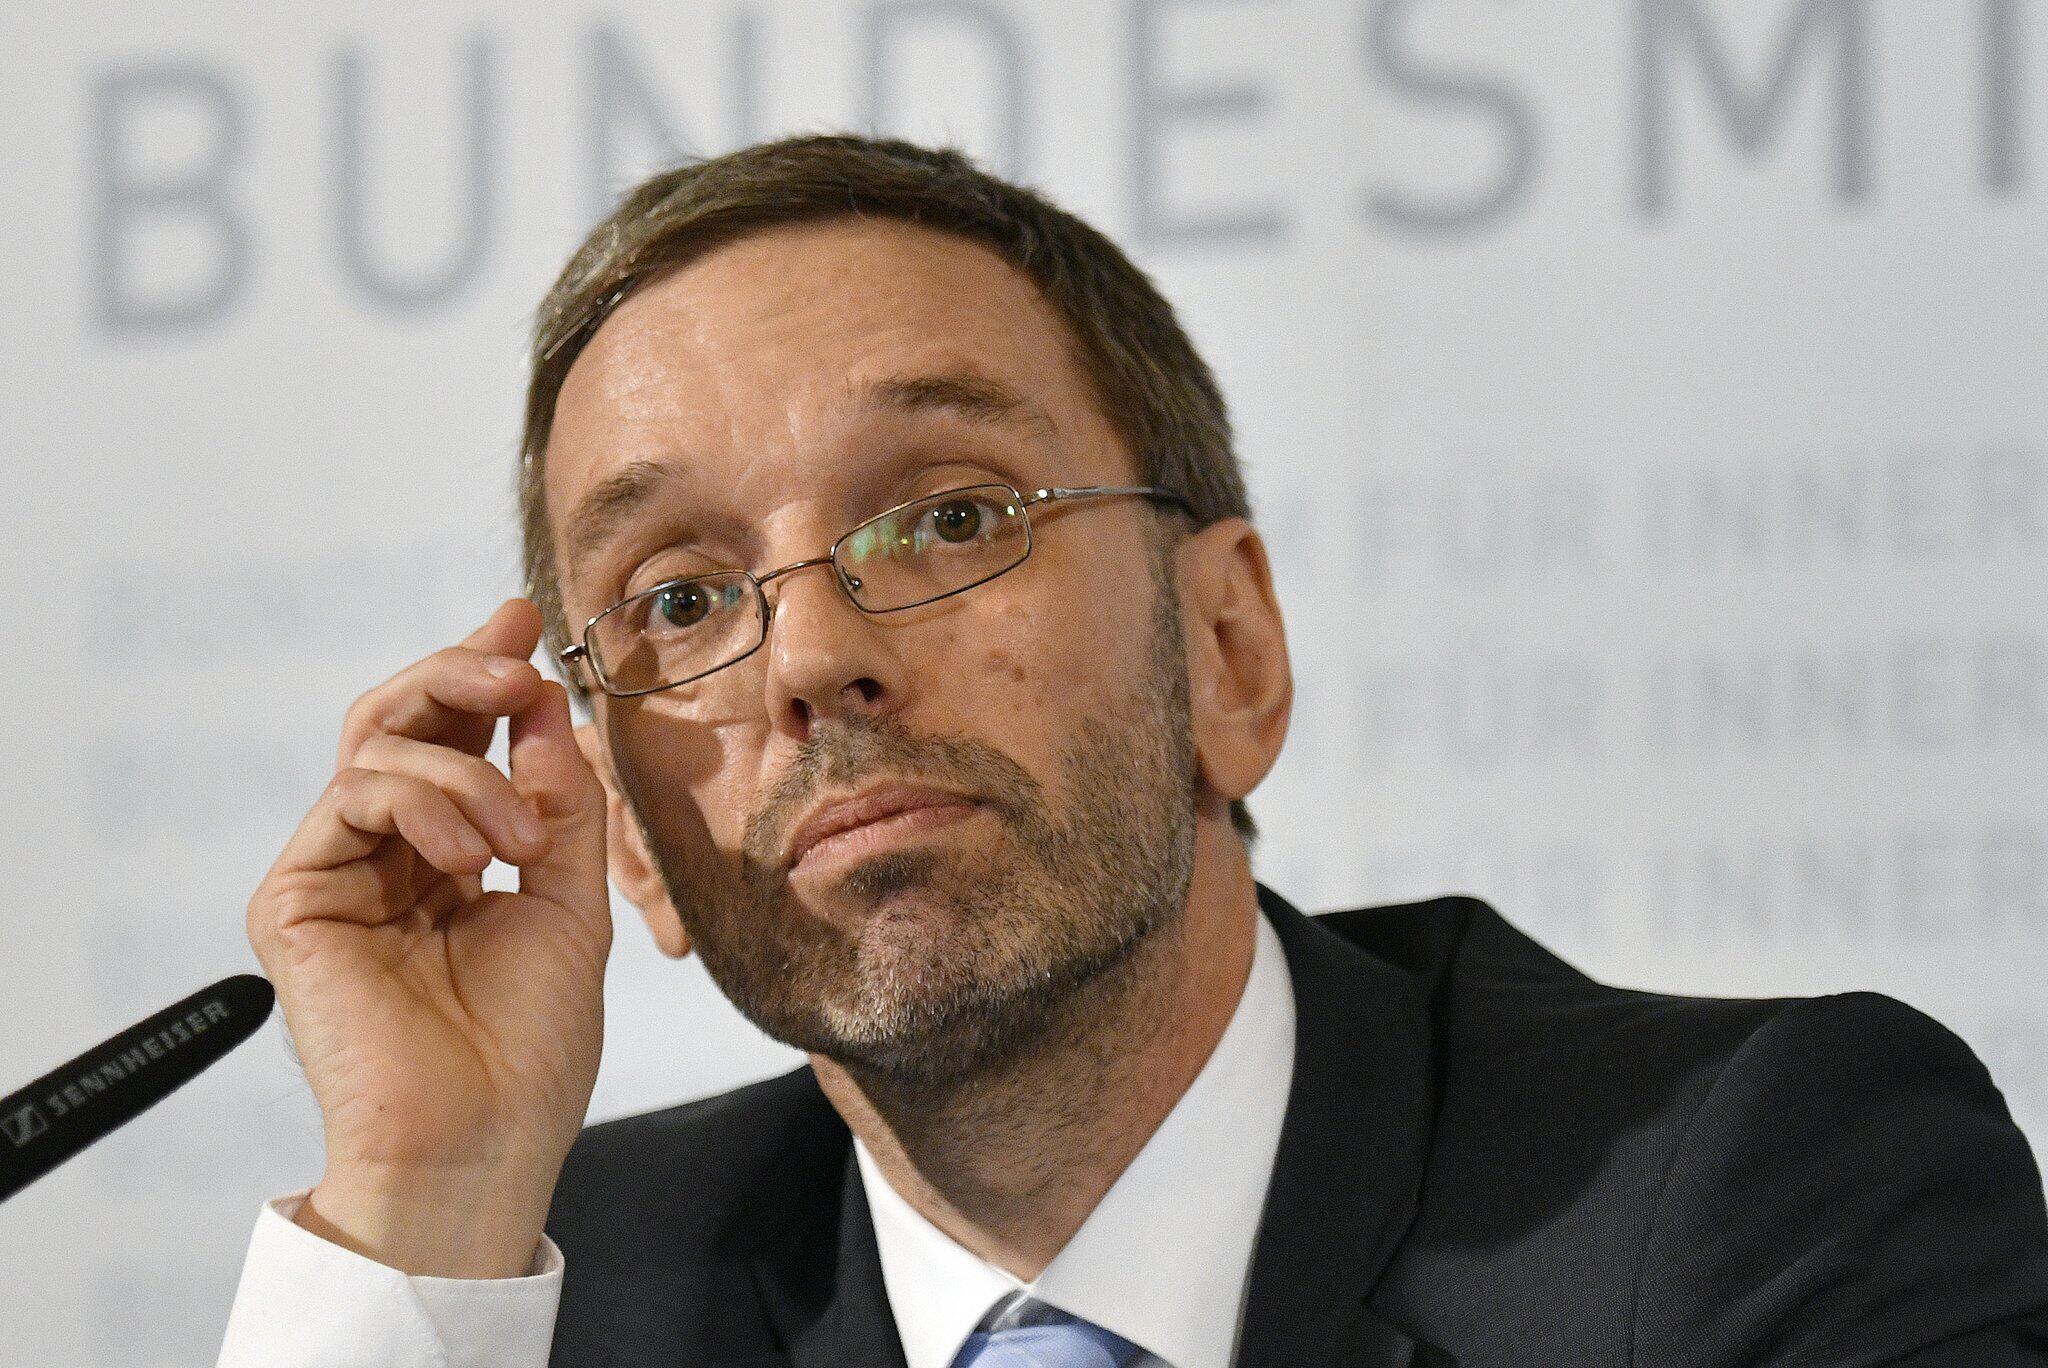 Bild zu Pressekonferenz nach blutigen Vorfällen in Österreich